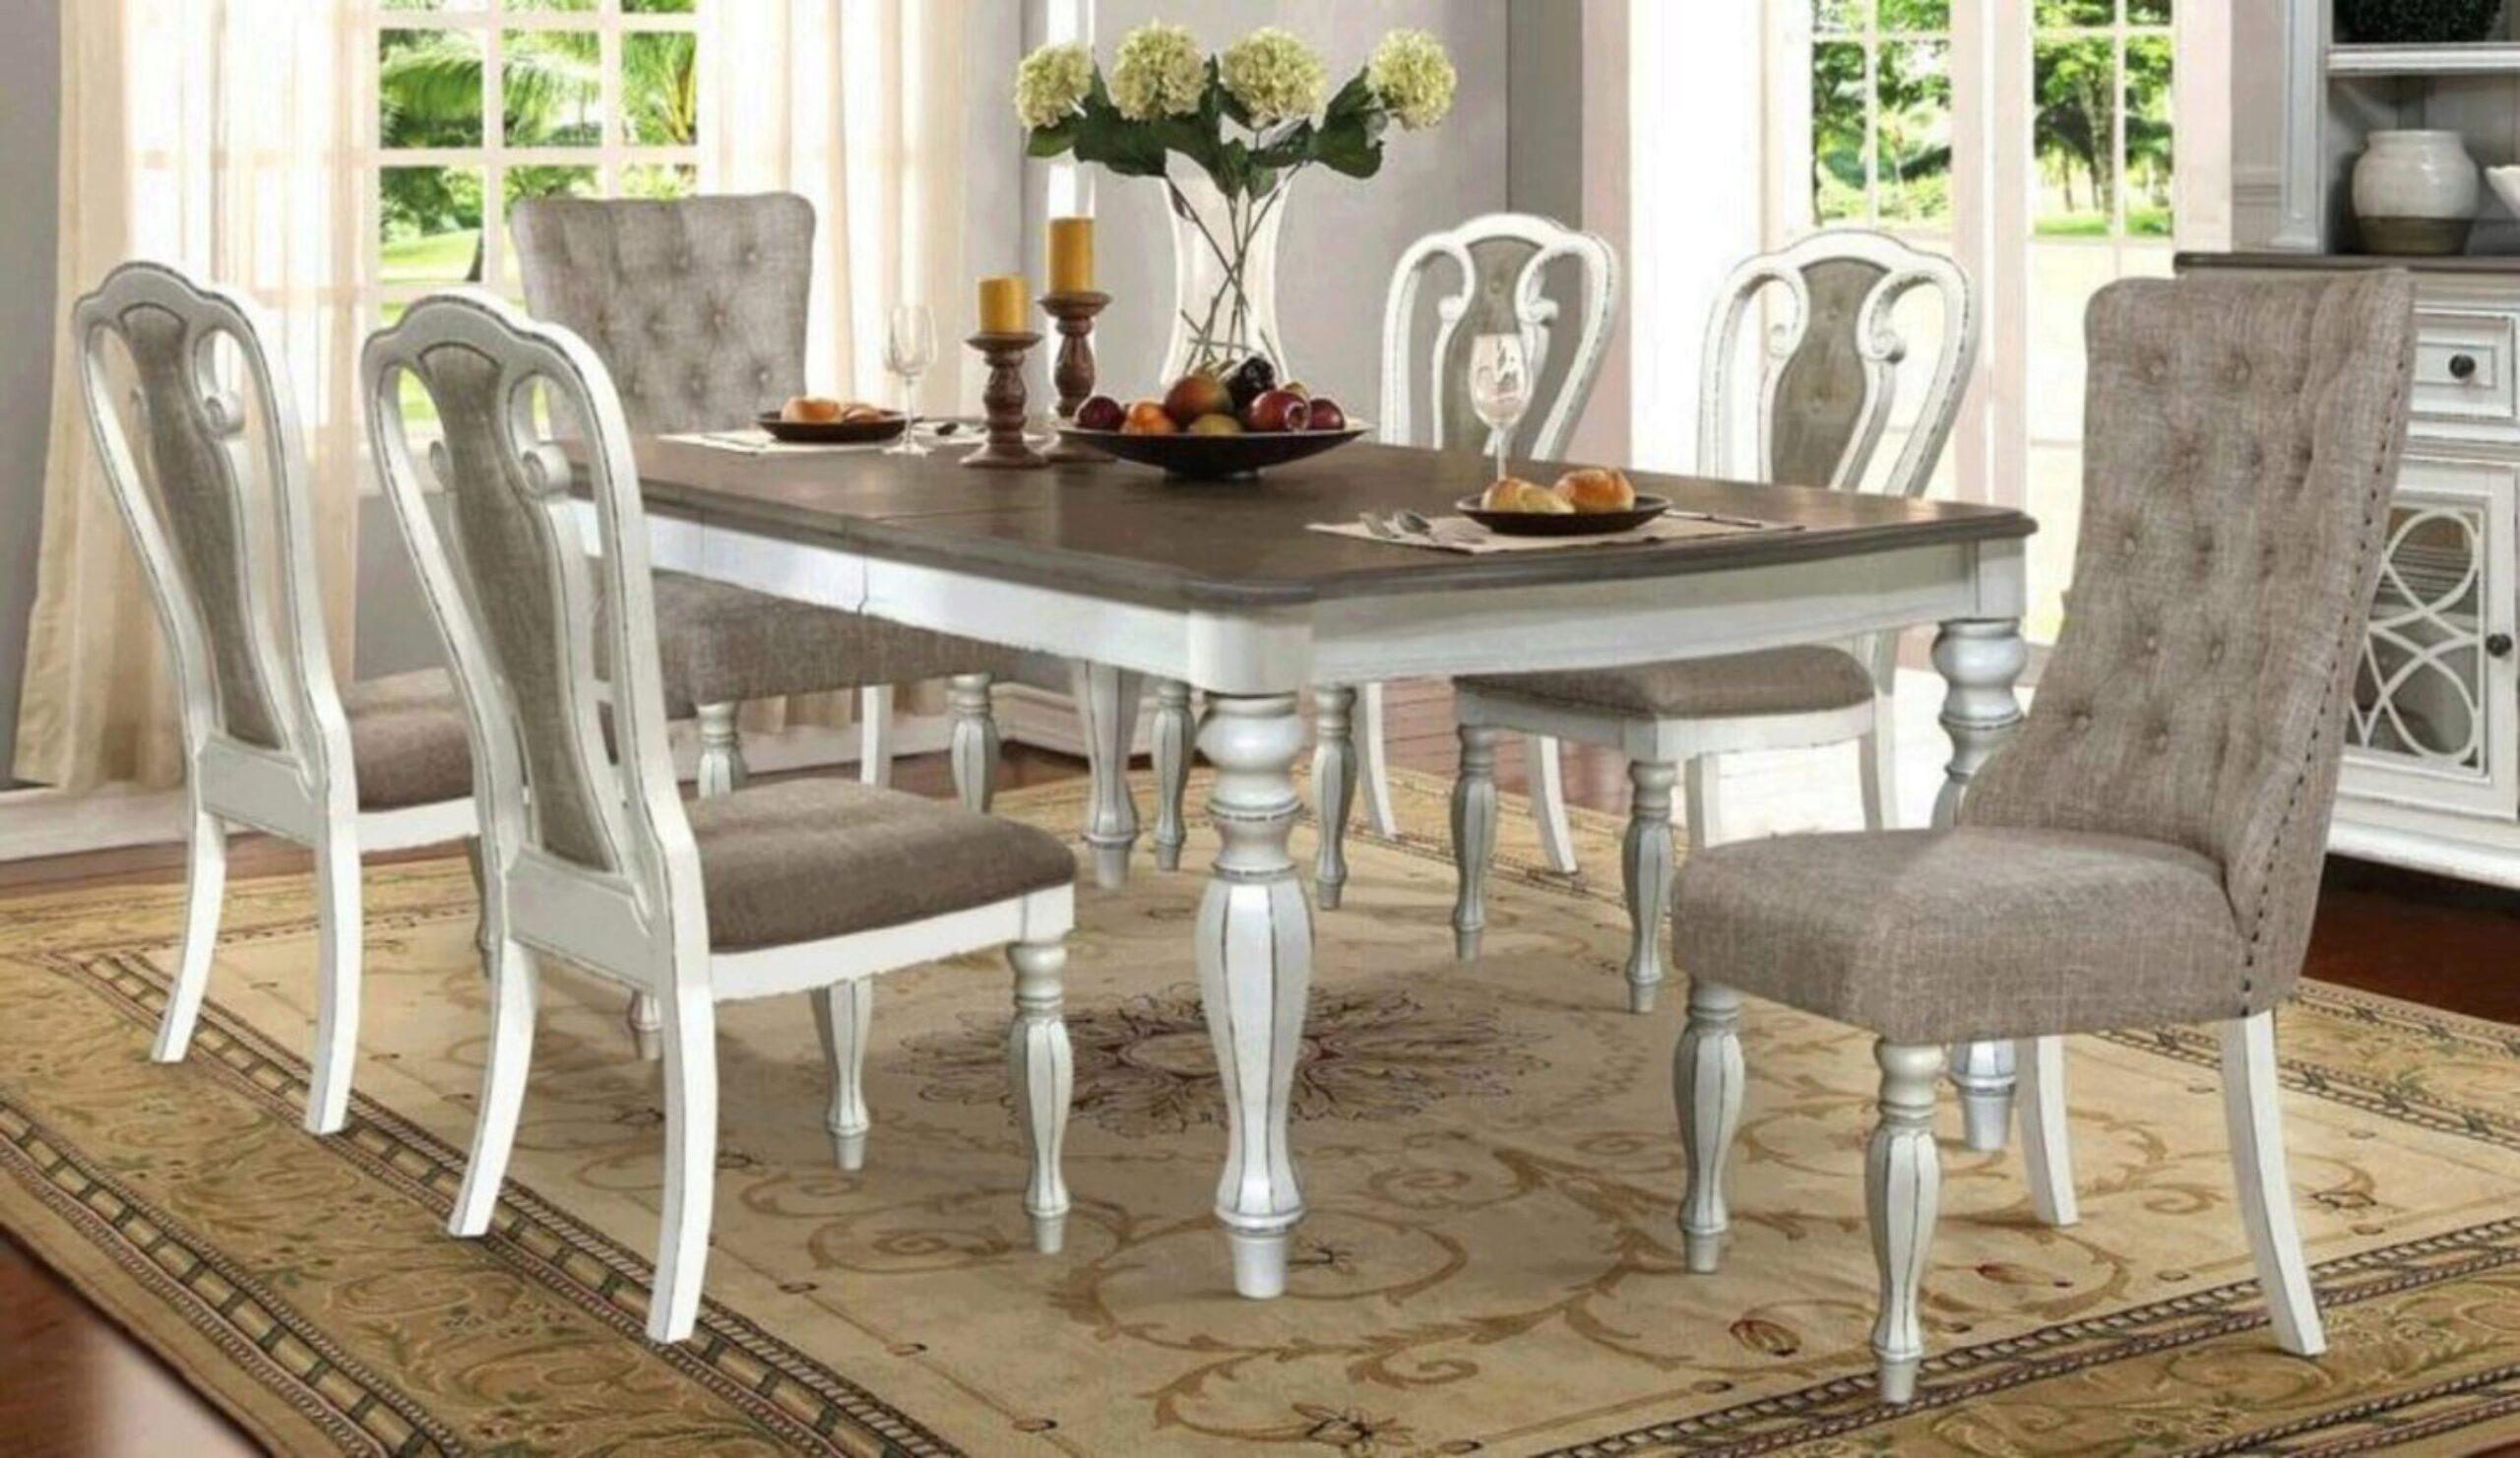 Buffet Mcferran D738, White Dining Room Sets